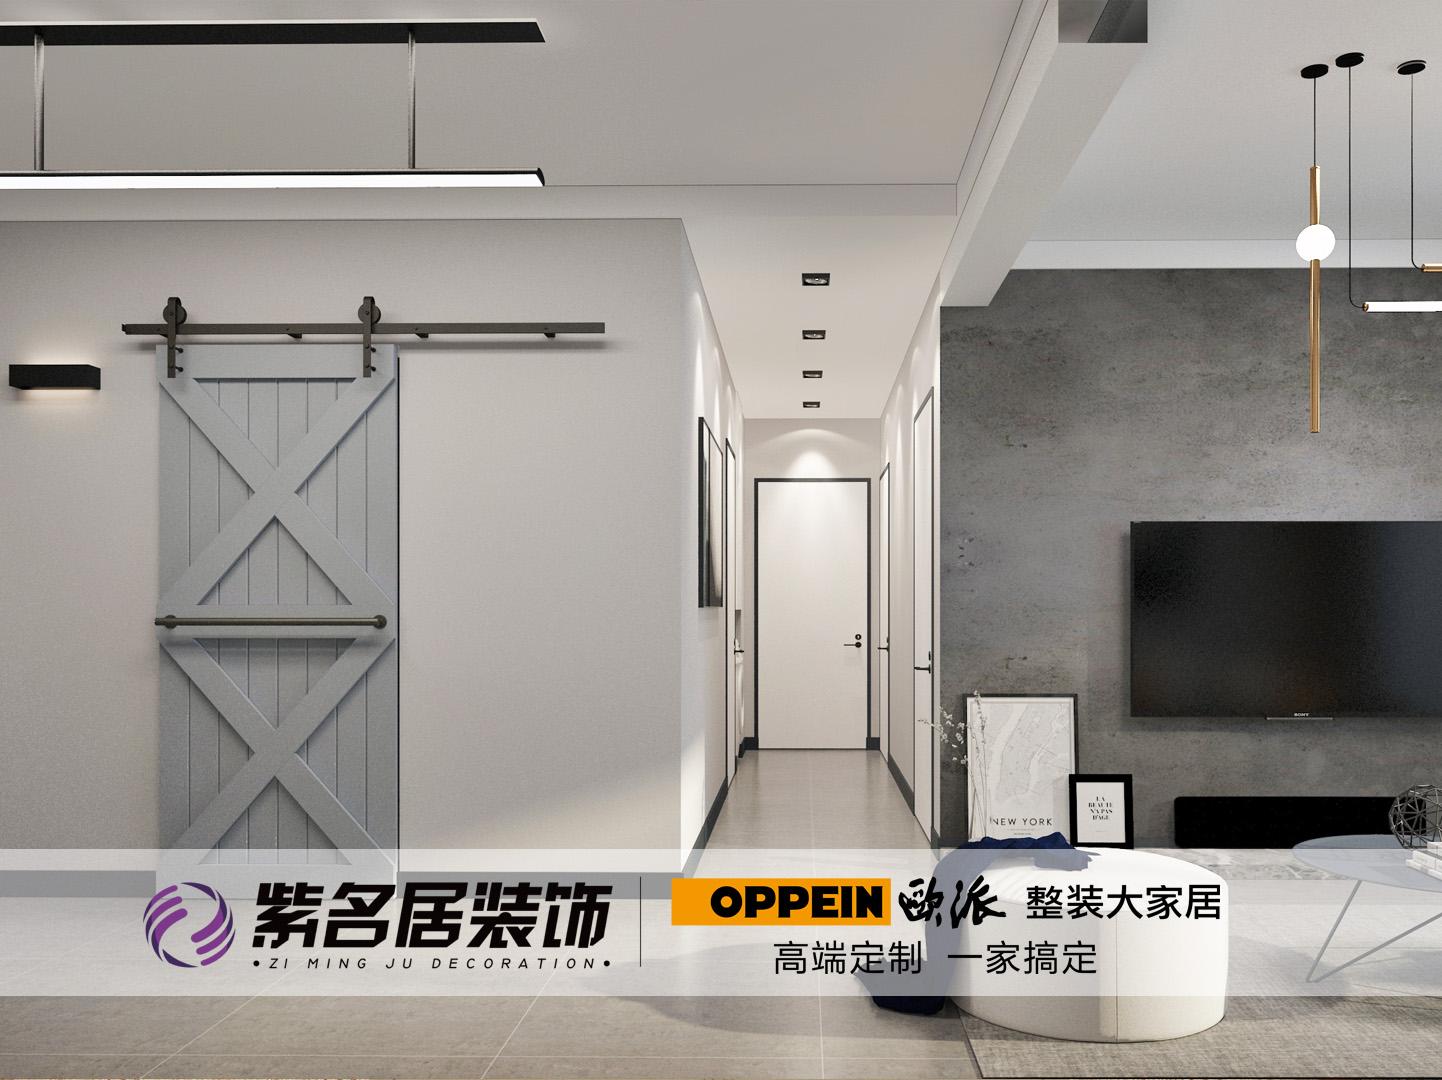 唐山装修案例唐颂国际 现代工业风装修 个性十足